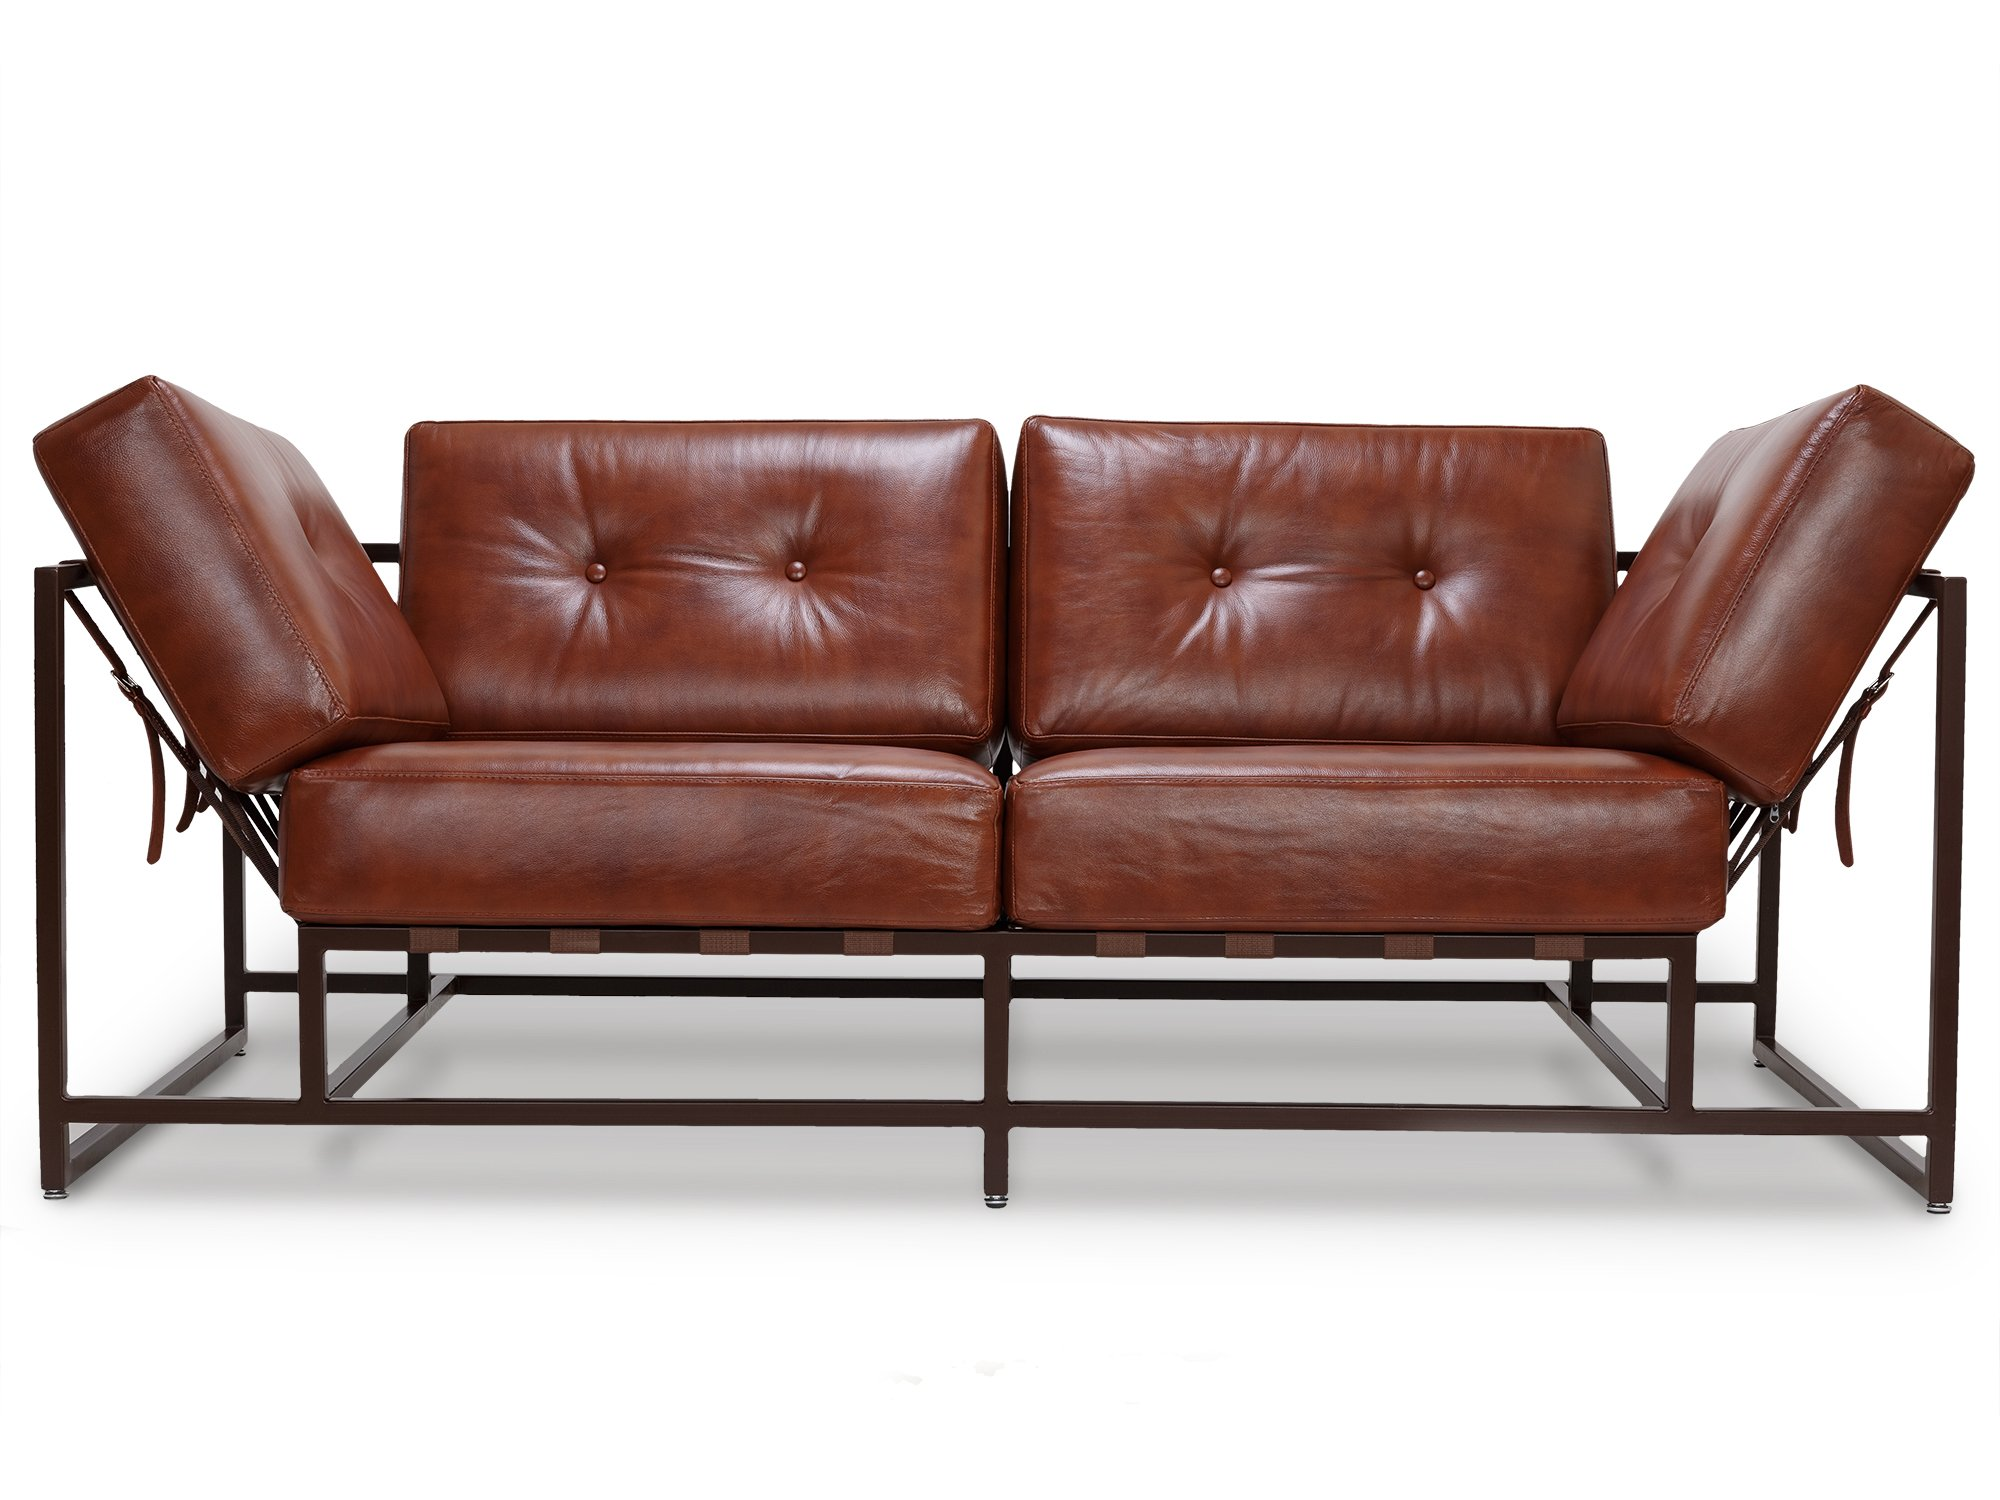 The_sofa двухместный диван лорд коричневый 134327/5